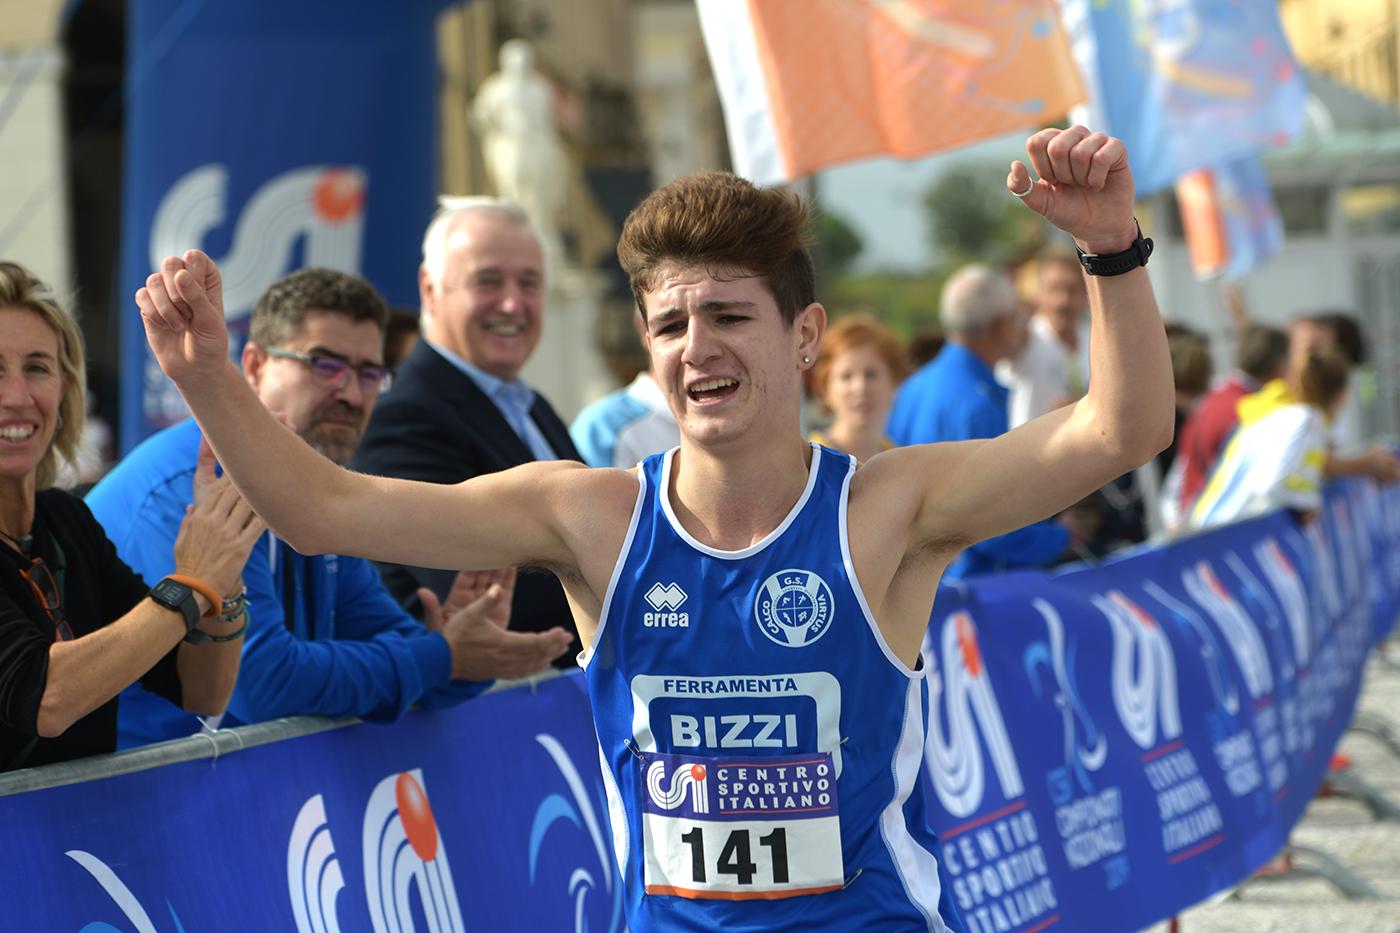 Palmanova (Ud) '8° Campionato Nazionale di Corsa su Strada